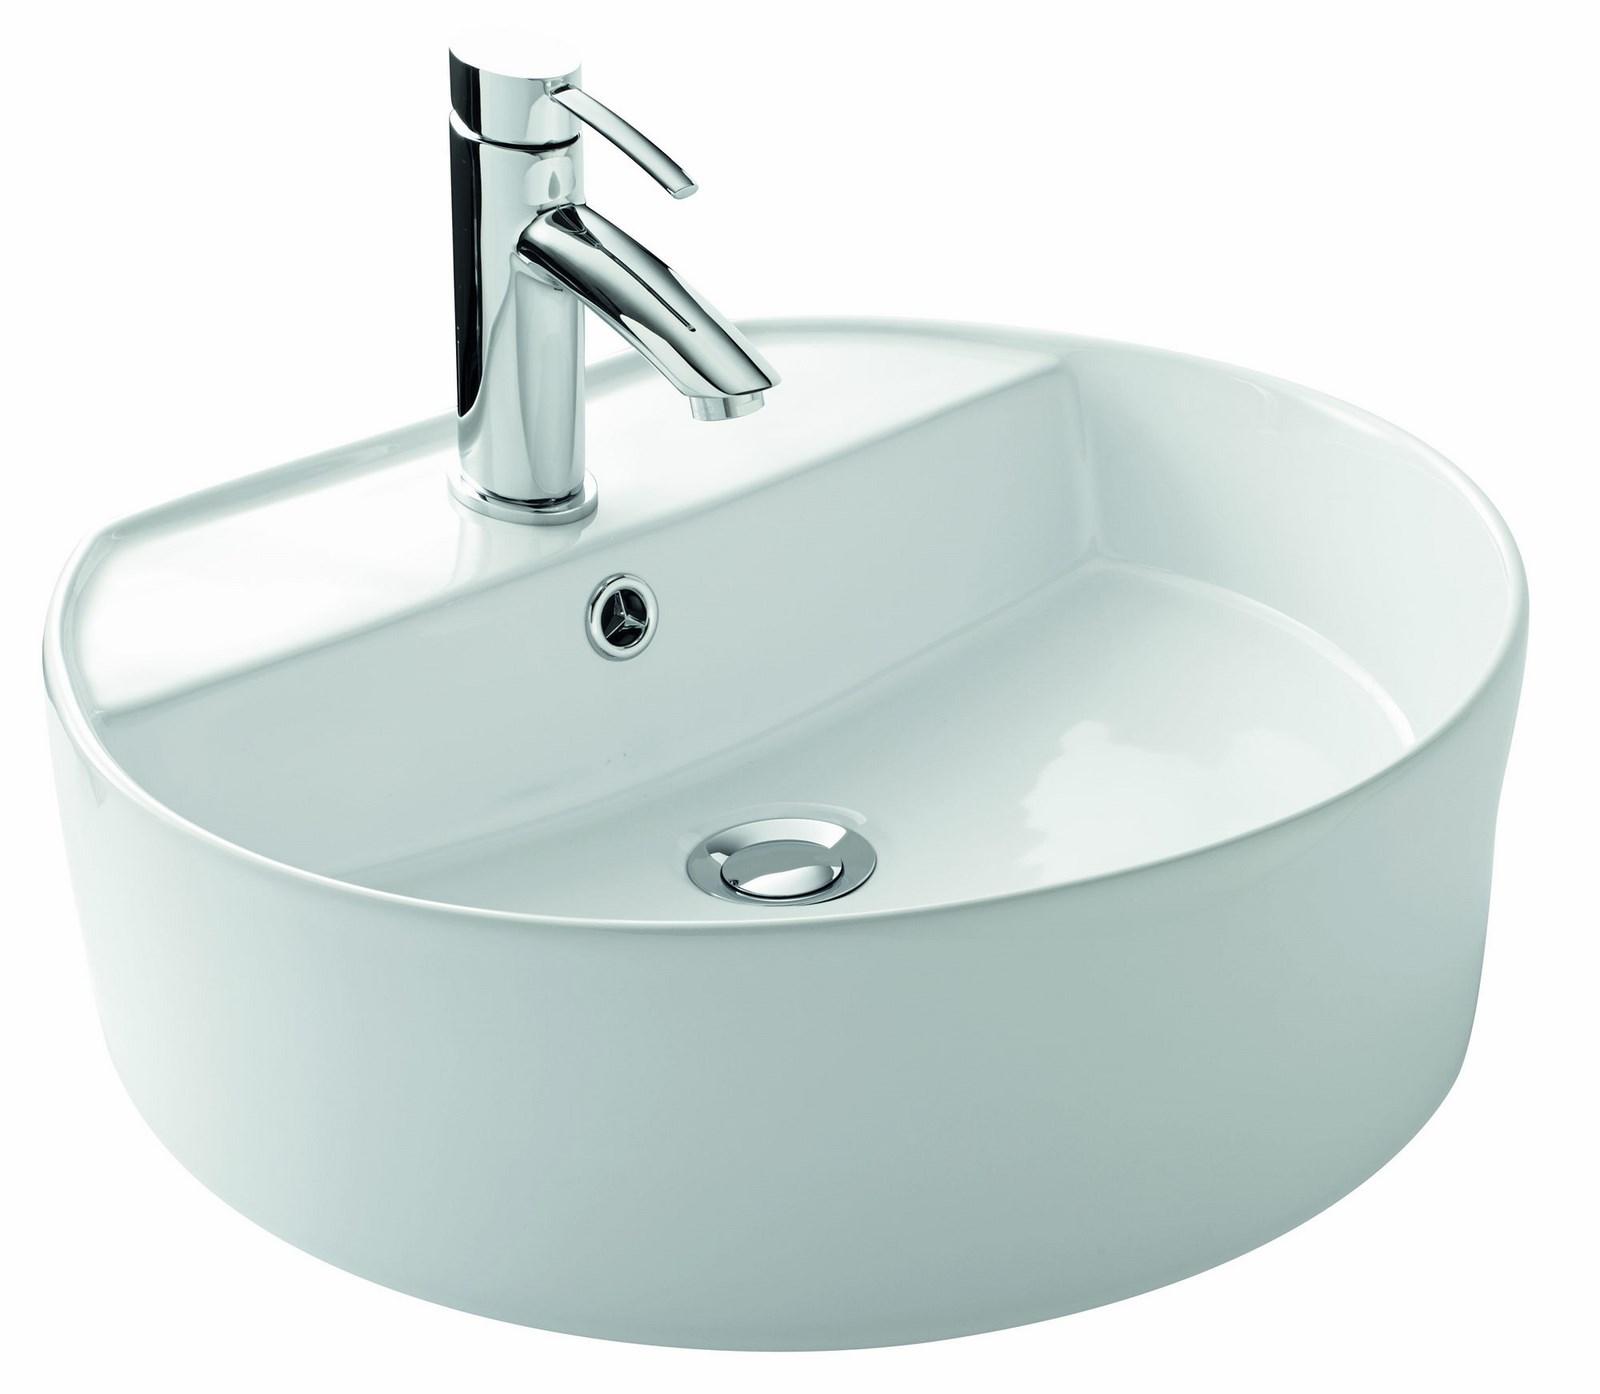 Marque de tags galerie d 39 inspiration pour la meilleure for Marque de salle de bain